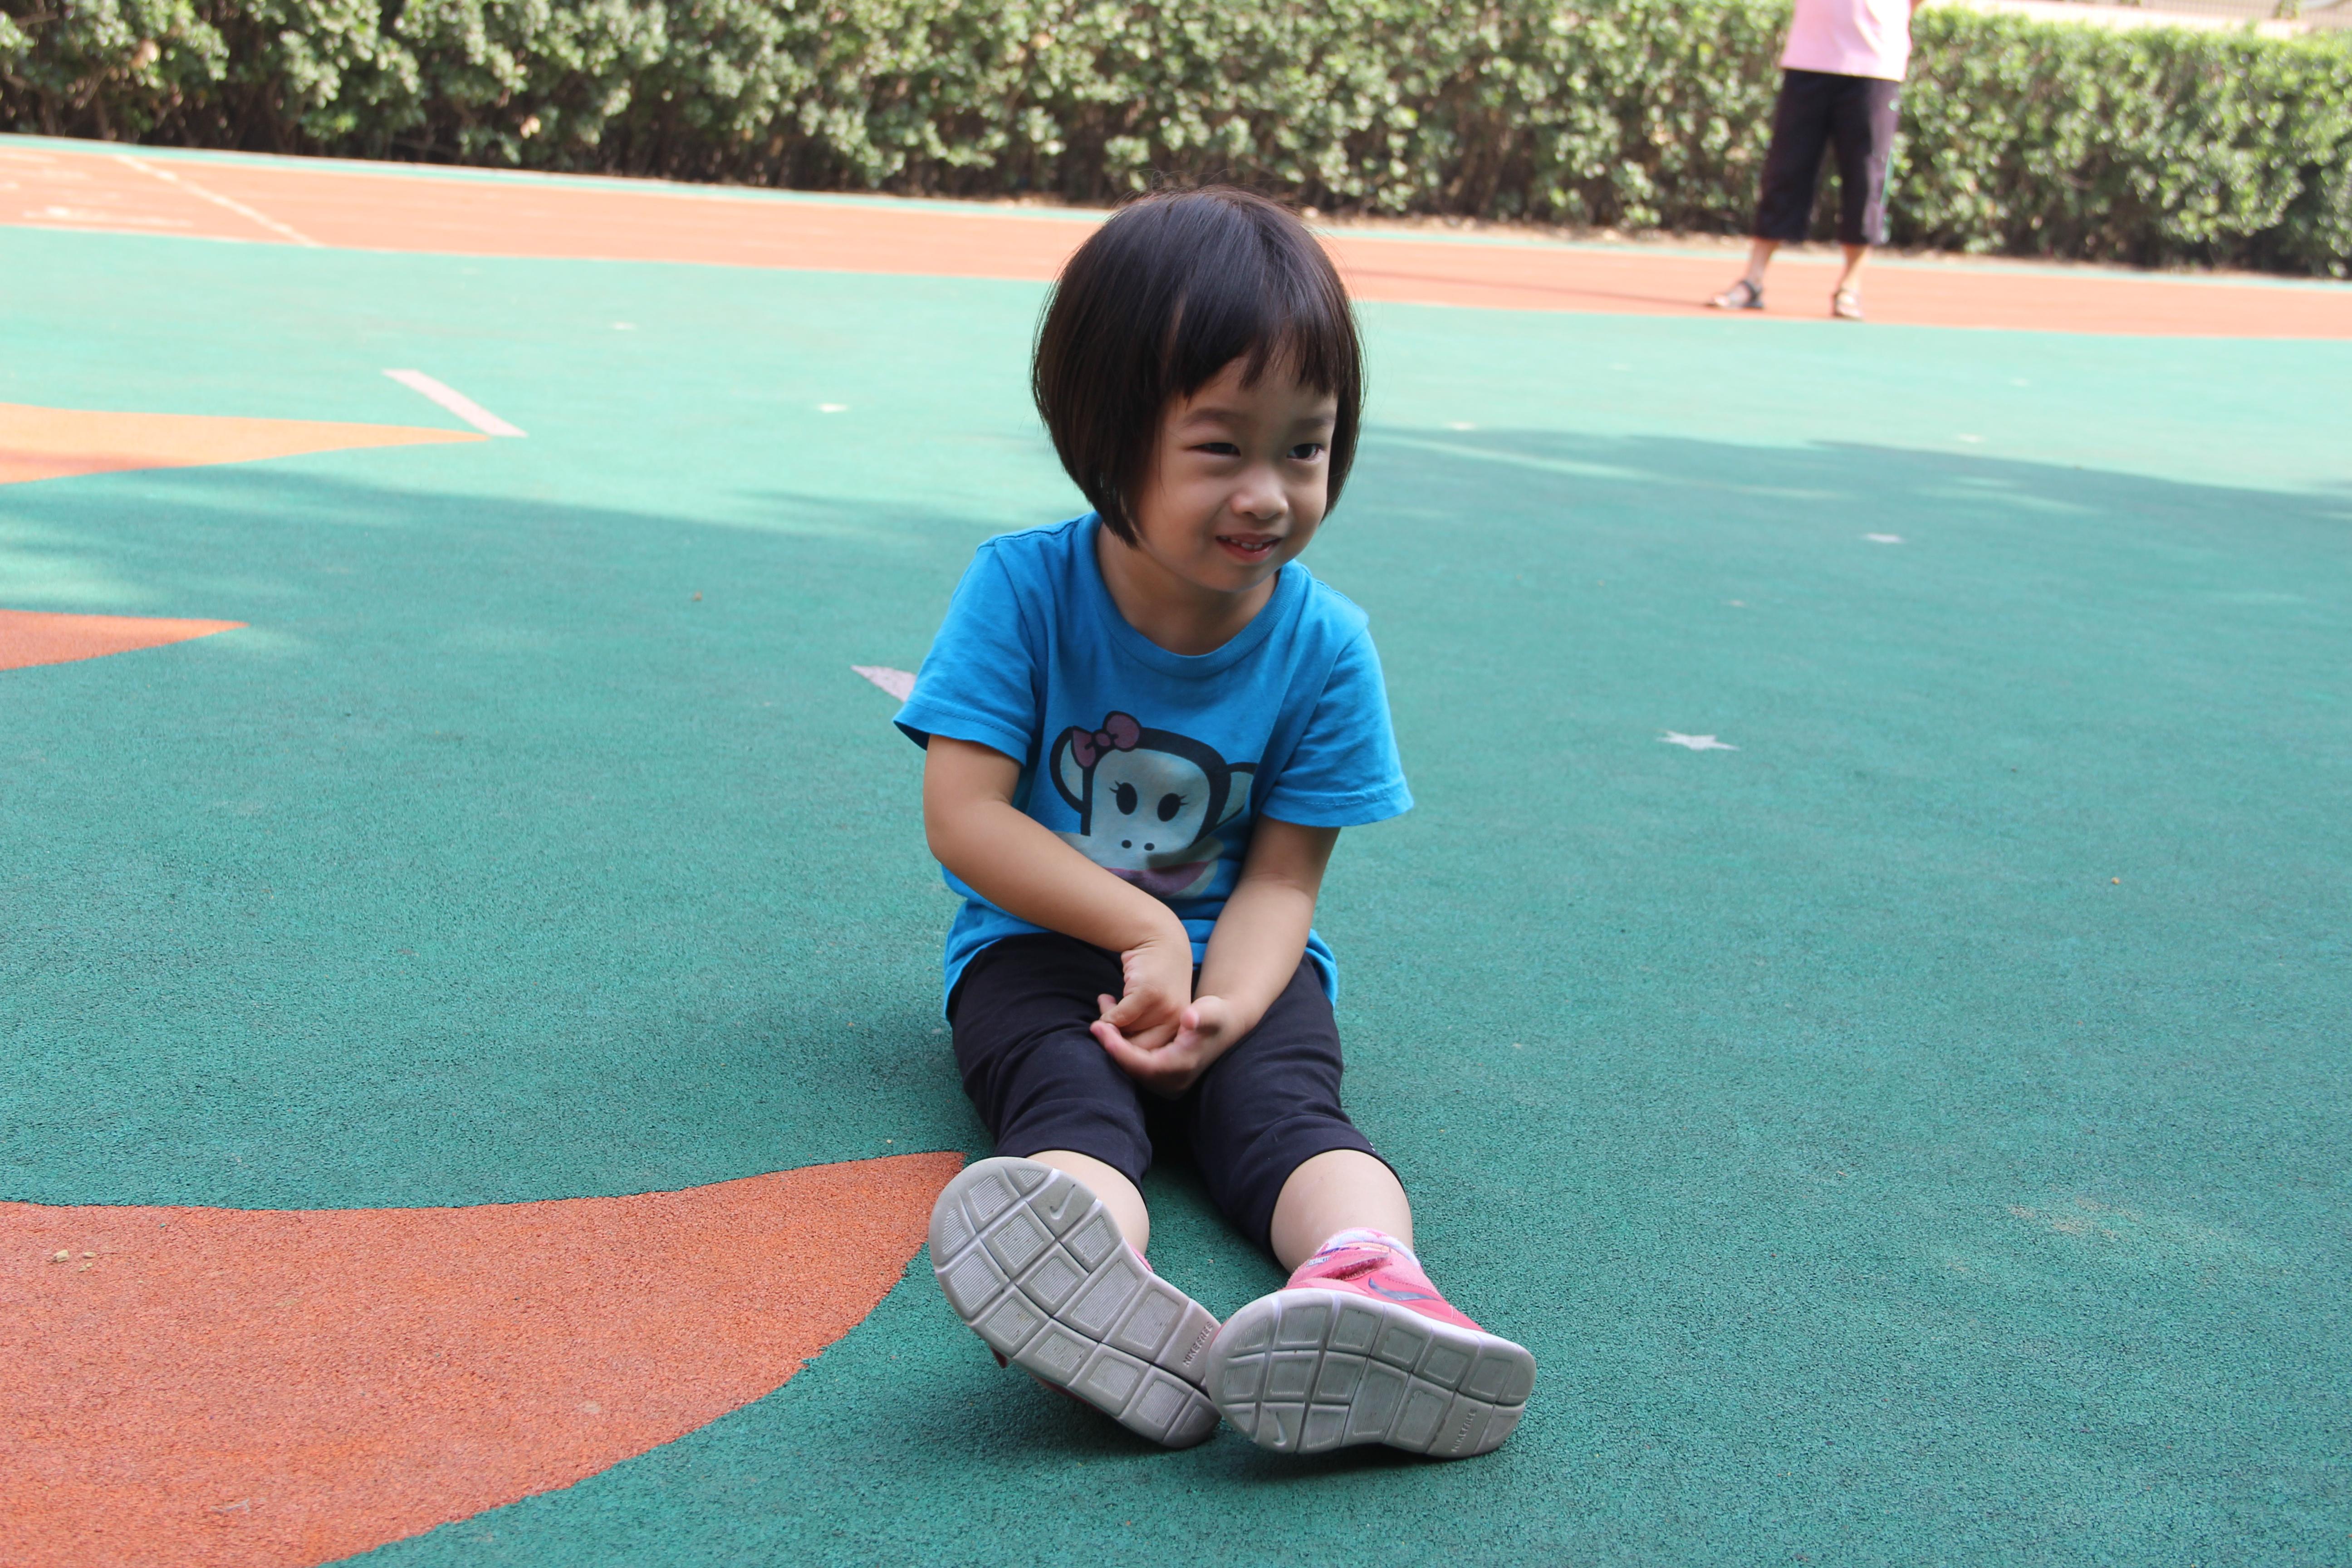 新東方滿天星幼兒園:世界小公民幸福成長的秘密